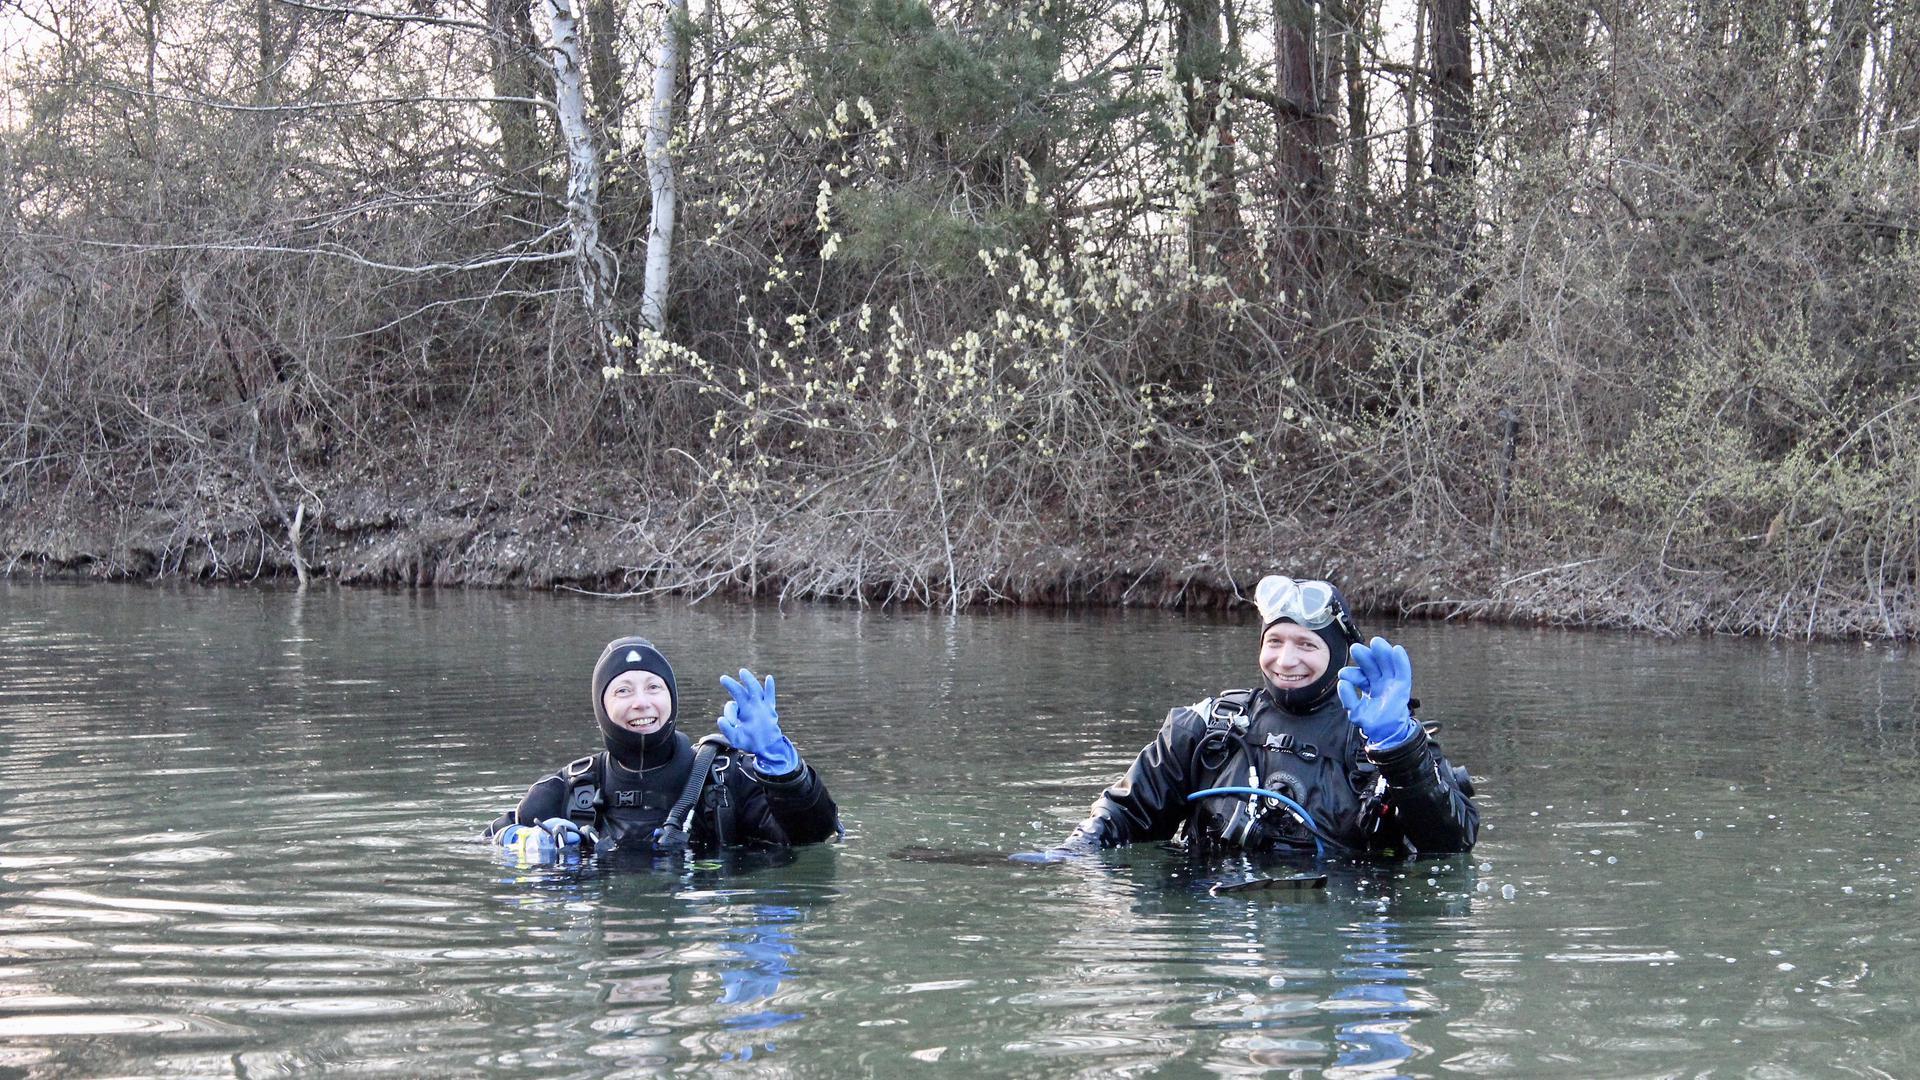 zwei Taucher im Wasser